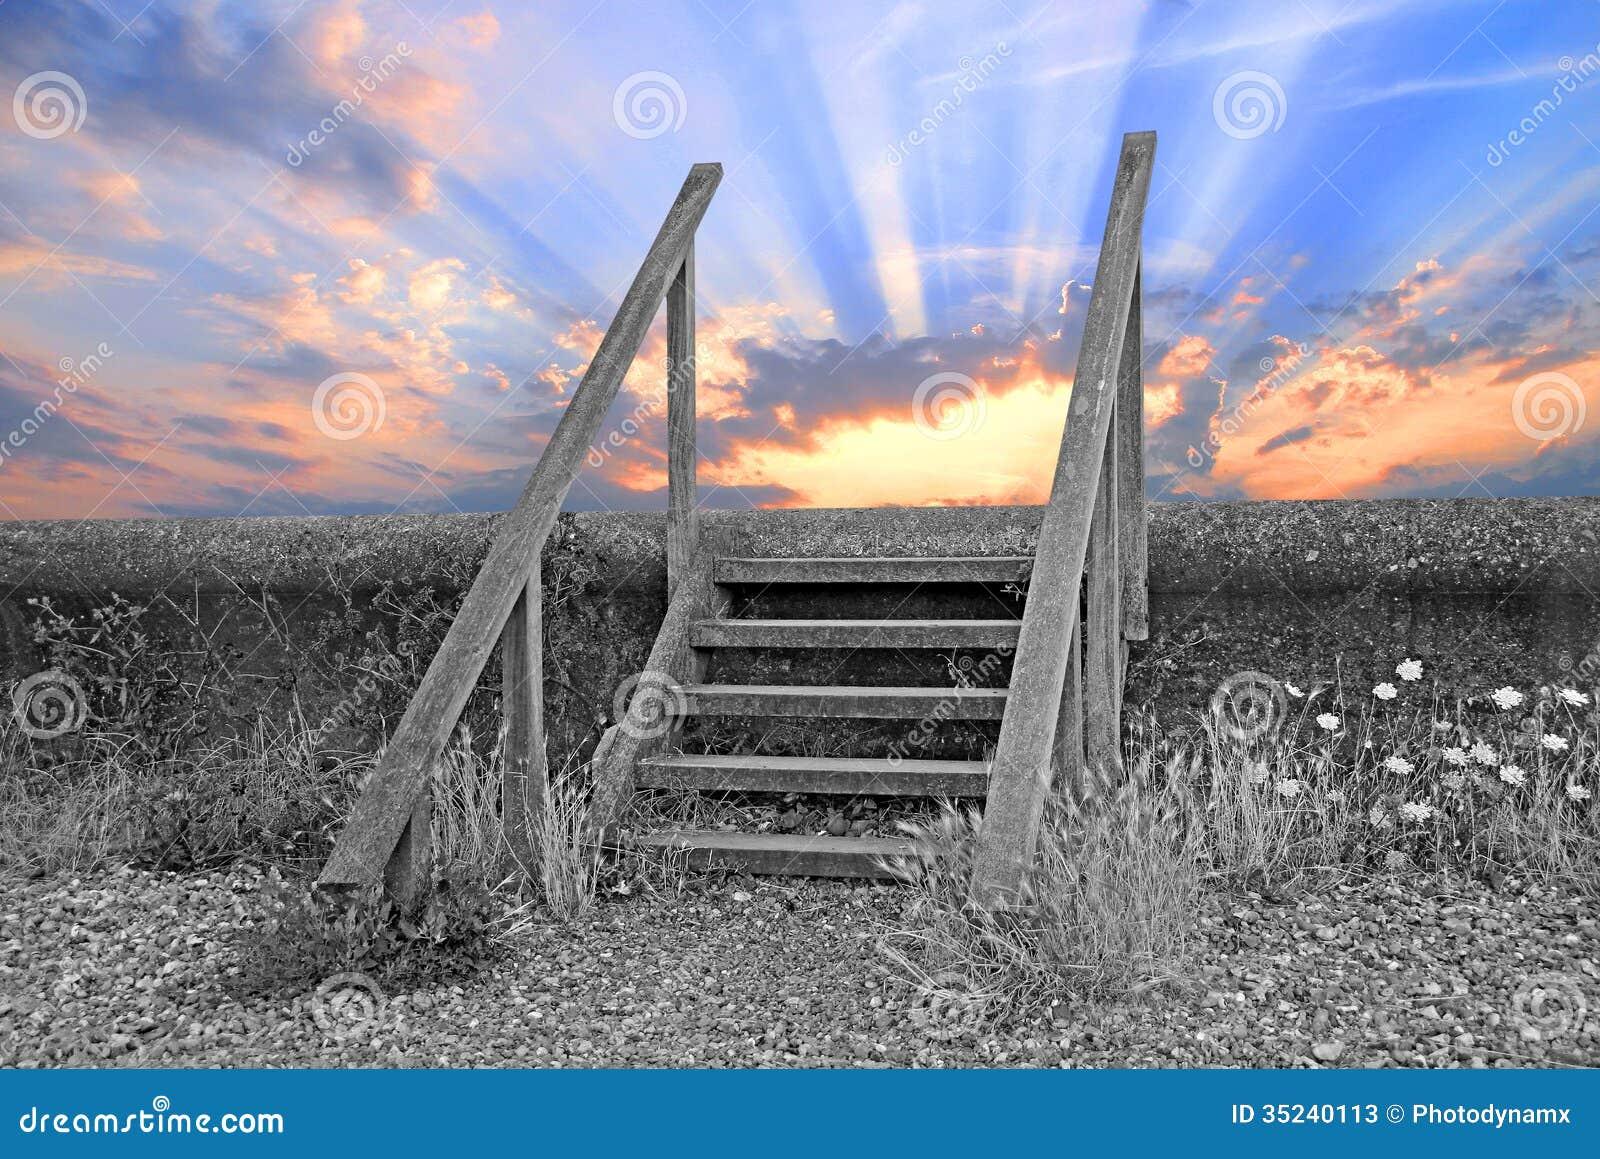 Faites un pas dans un avenir plus lumineux